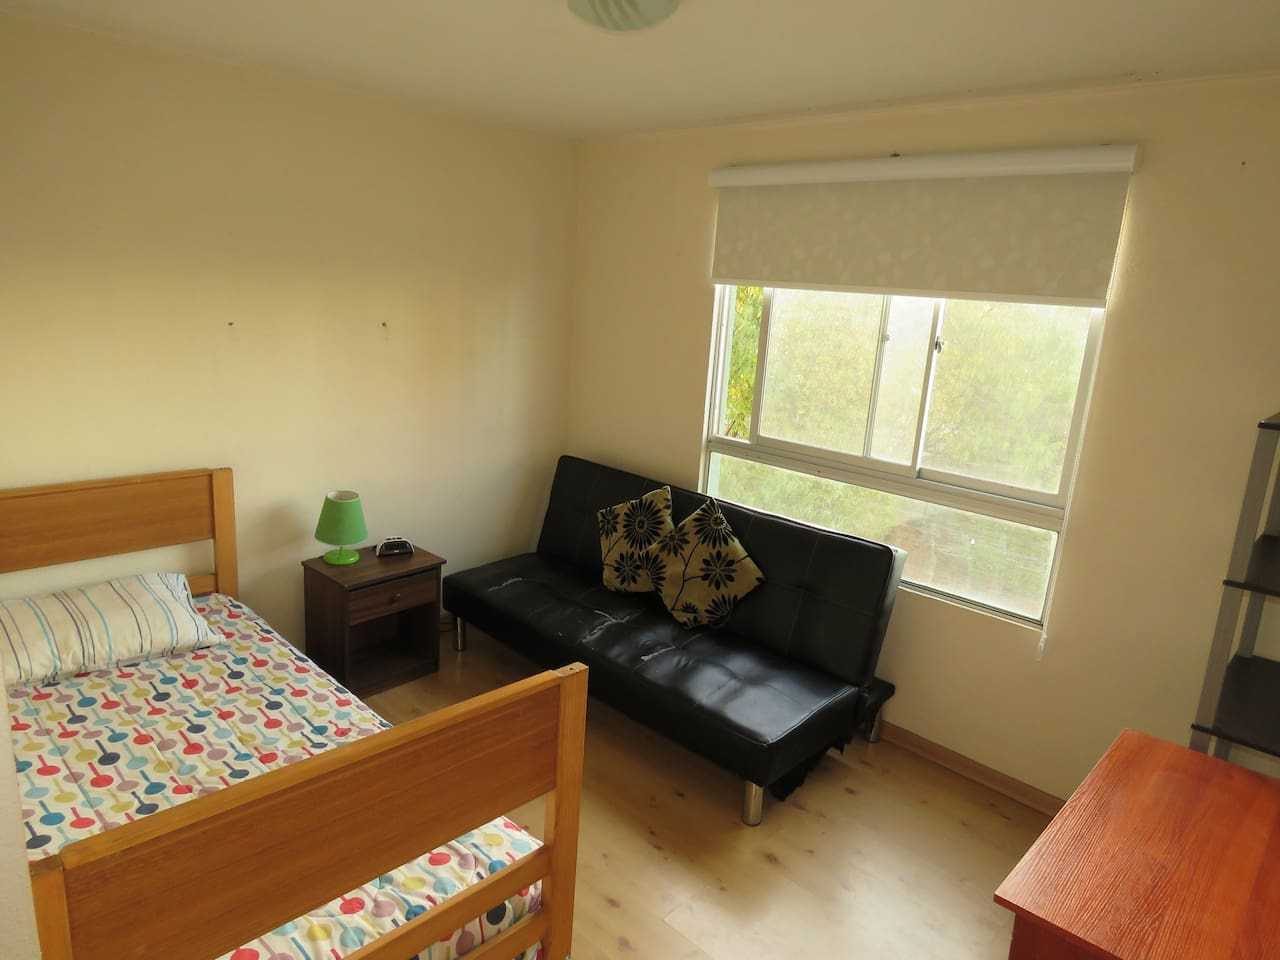 Habitación con 1 cama y 1 sofá cama